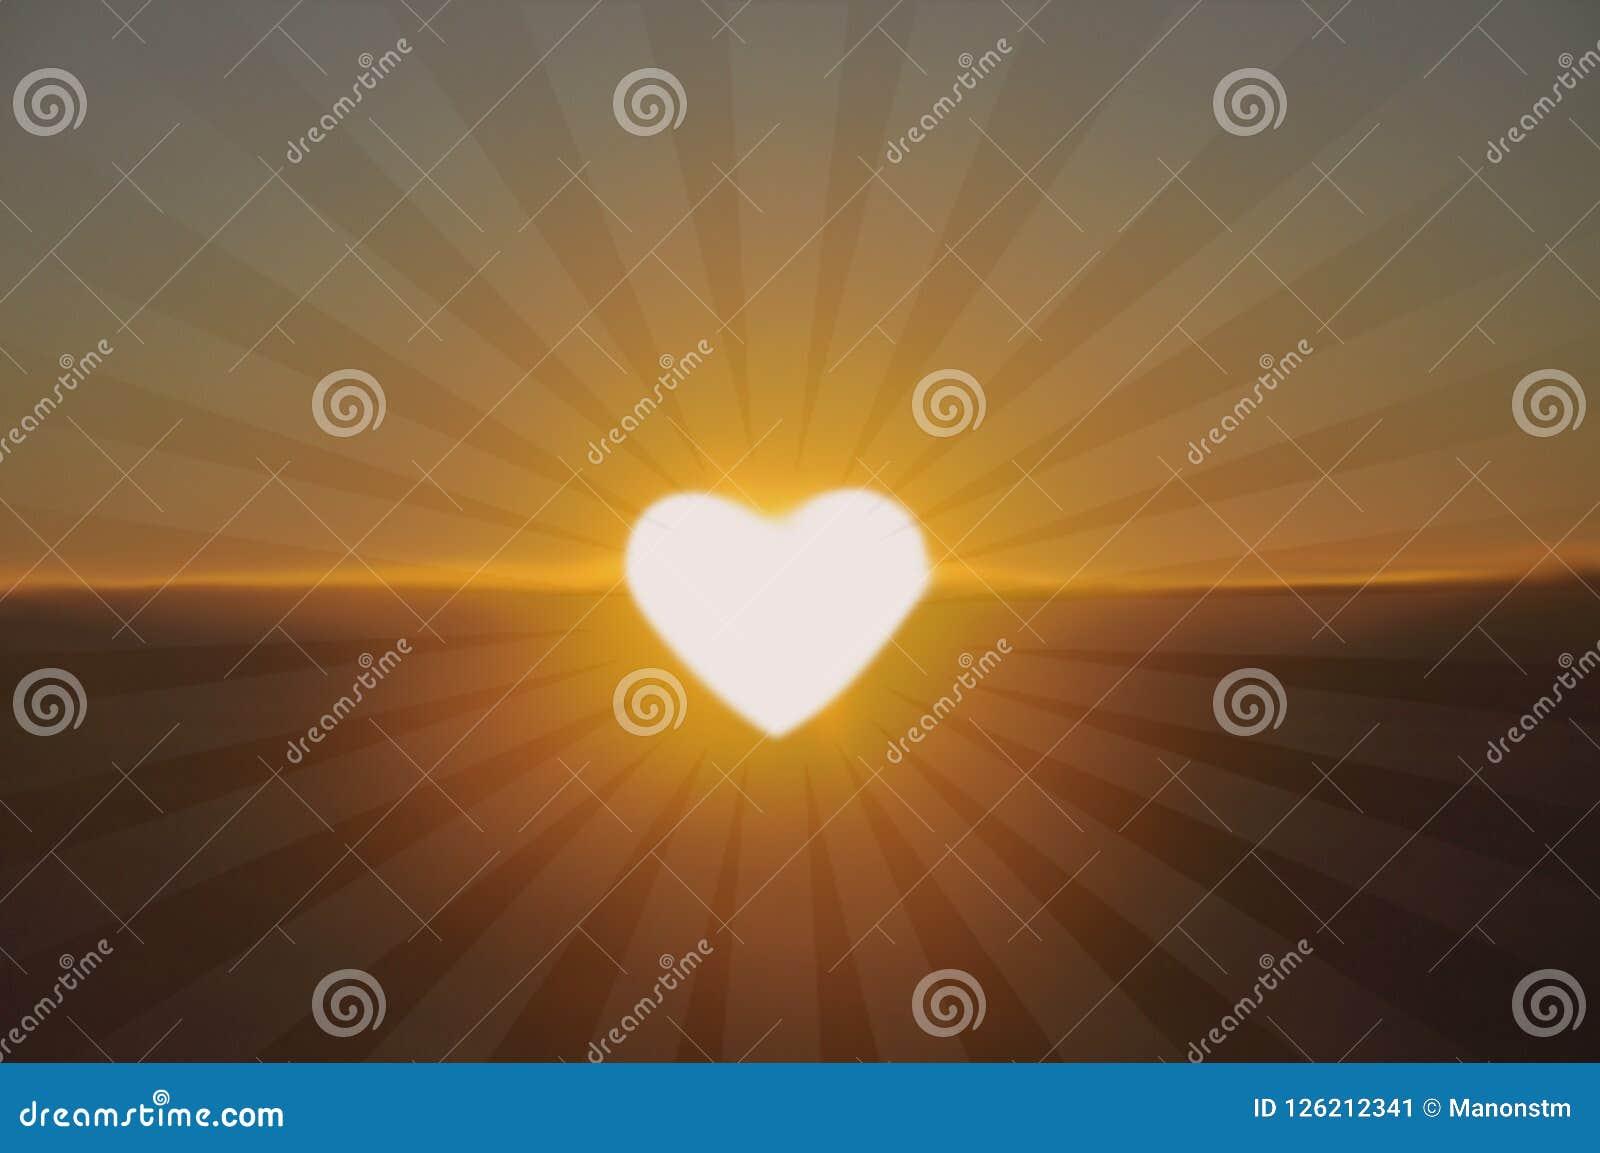 Luz brilhante na forma de um coração, coeur de lumière